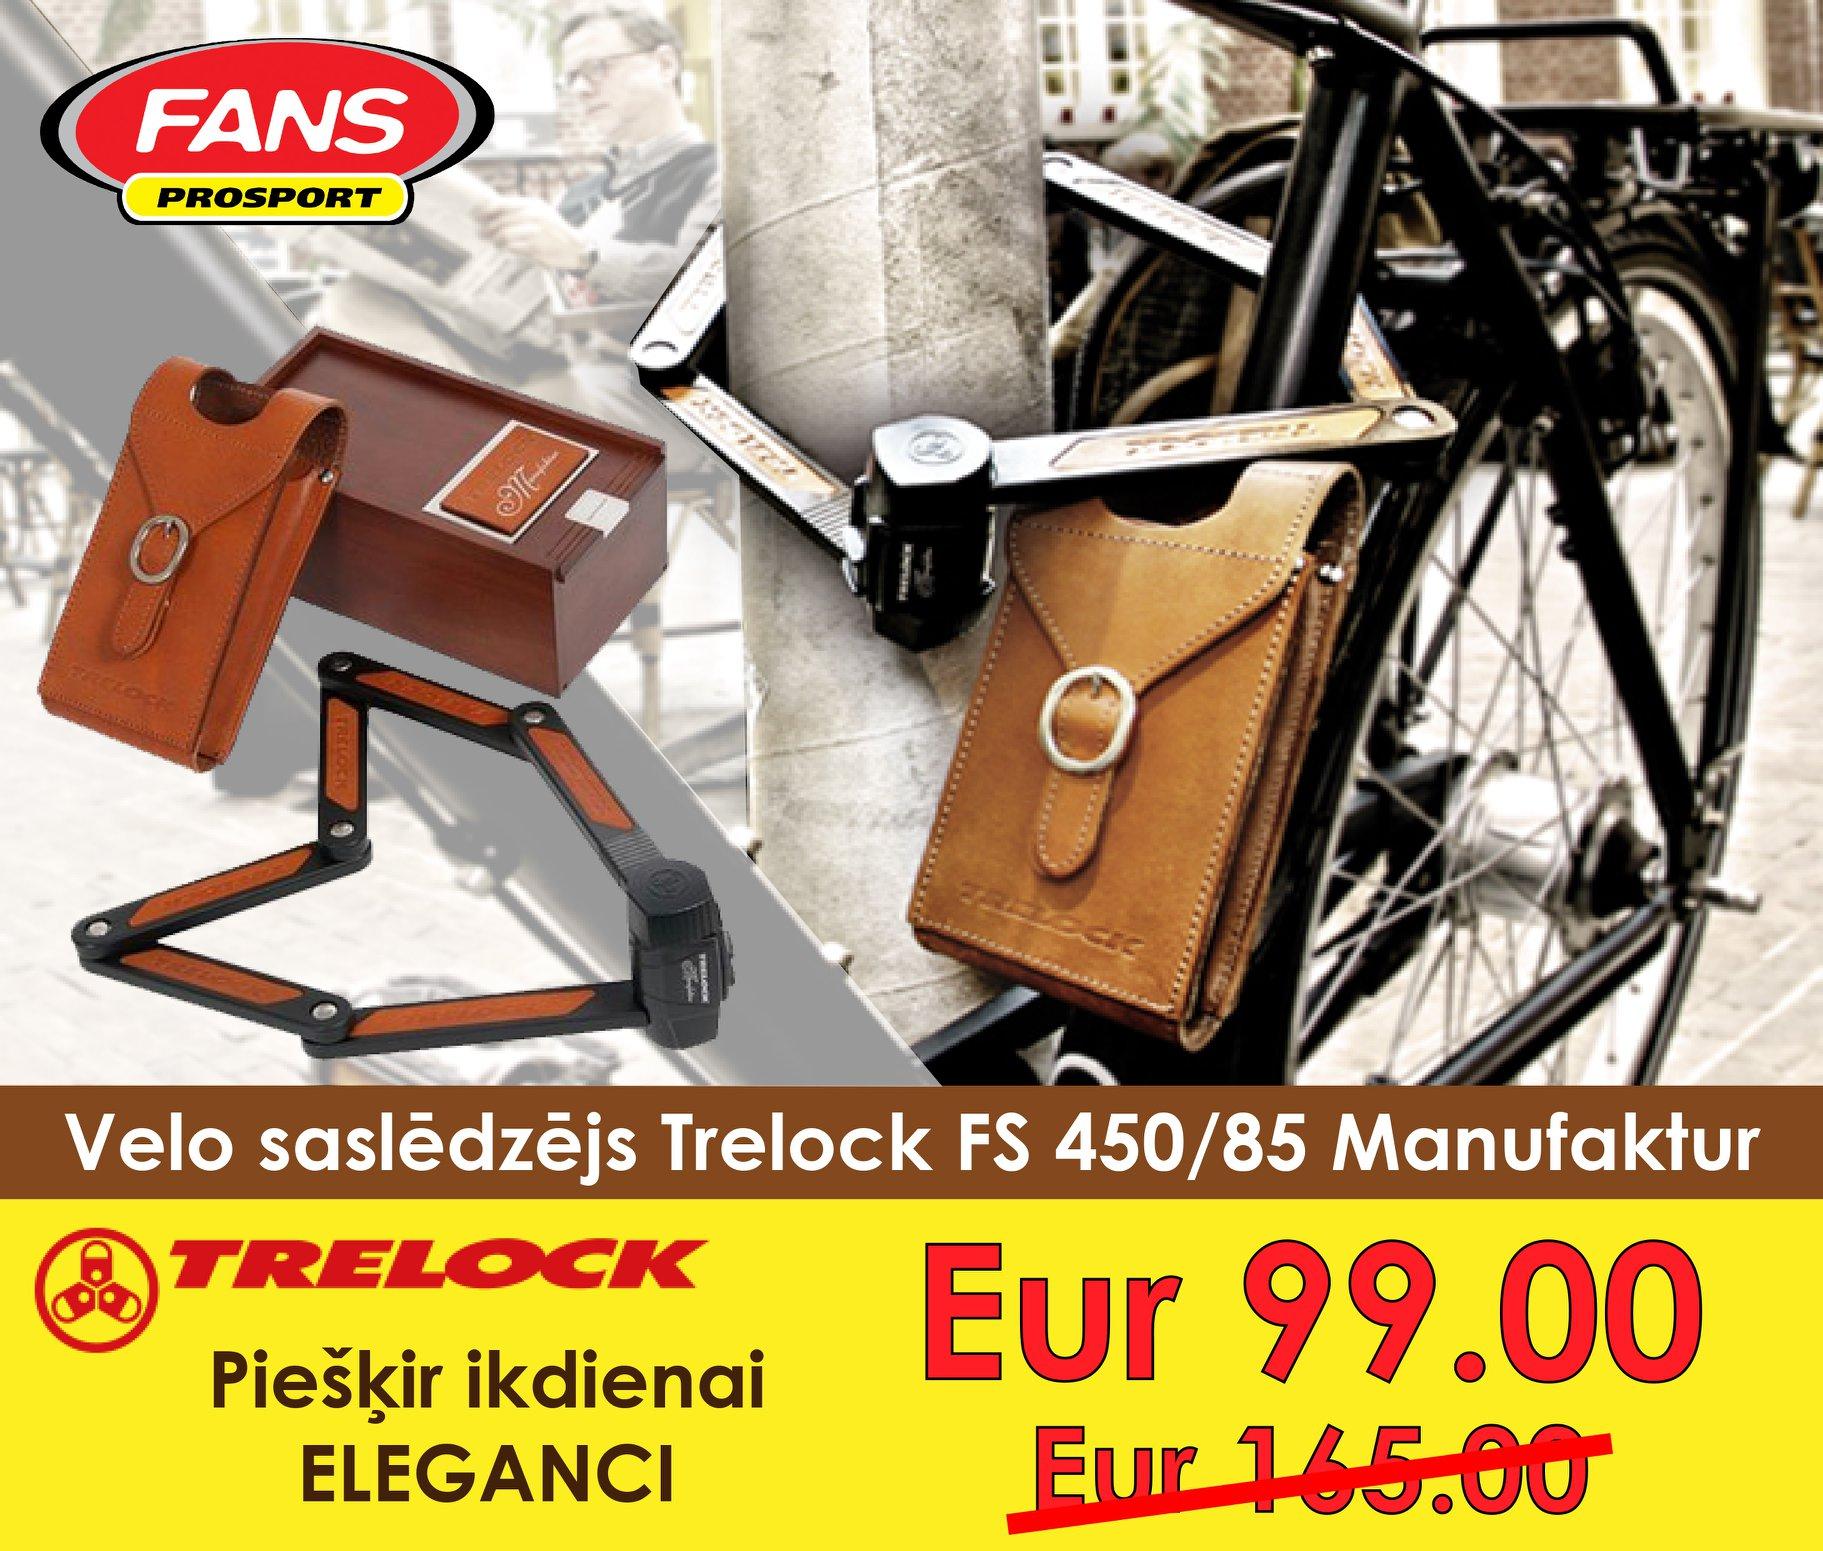 Trelock Manufactur